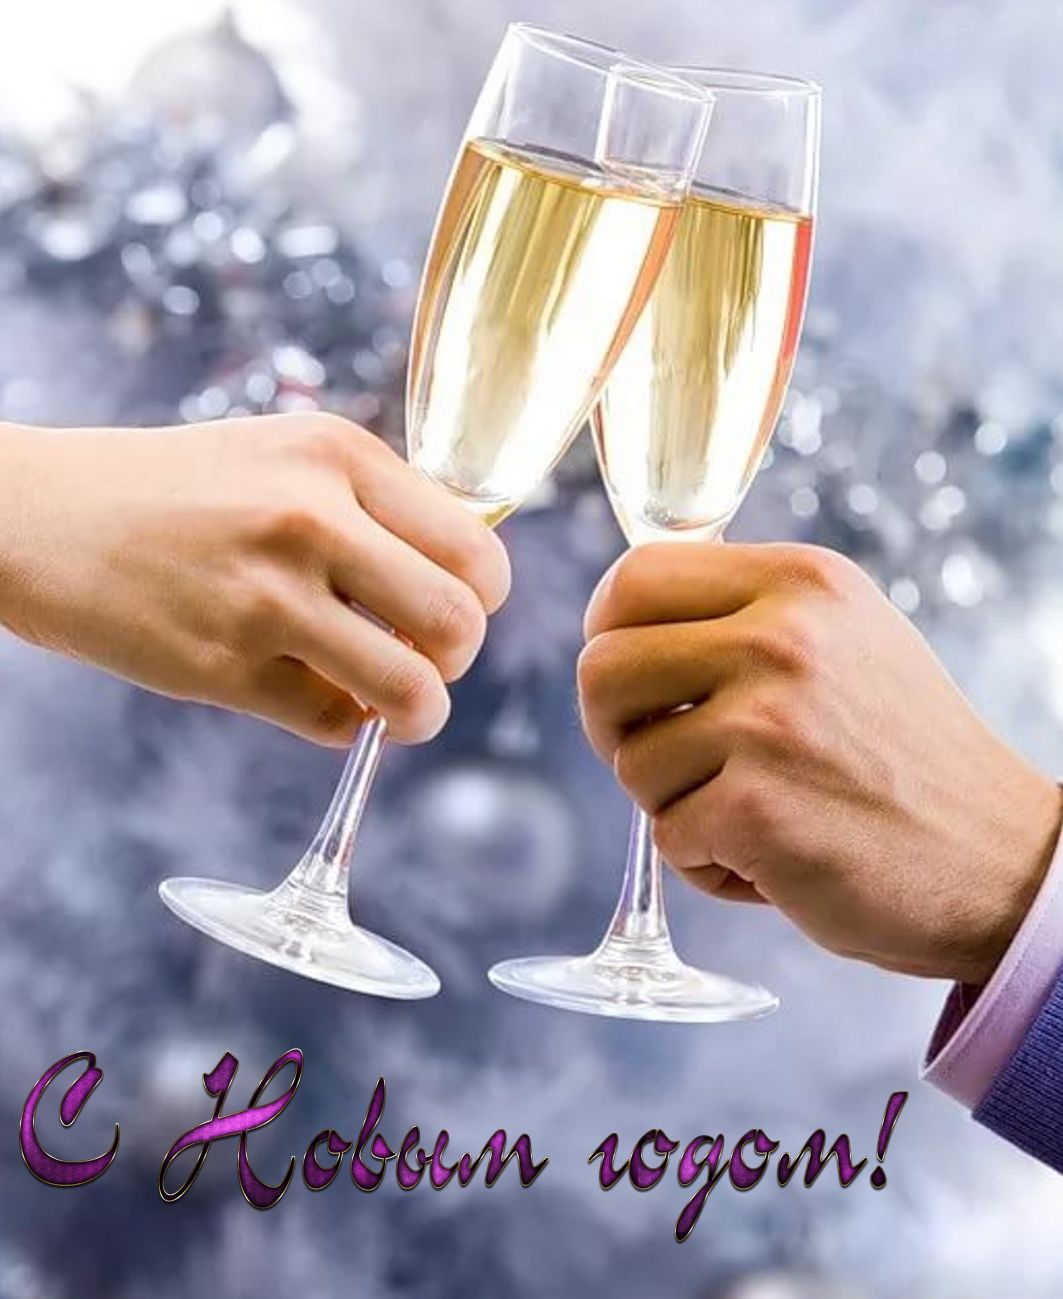 Новогодняя открытка - бокалы шампанского в руках